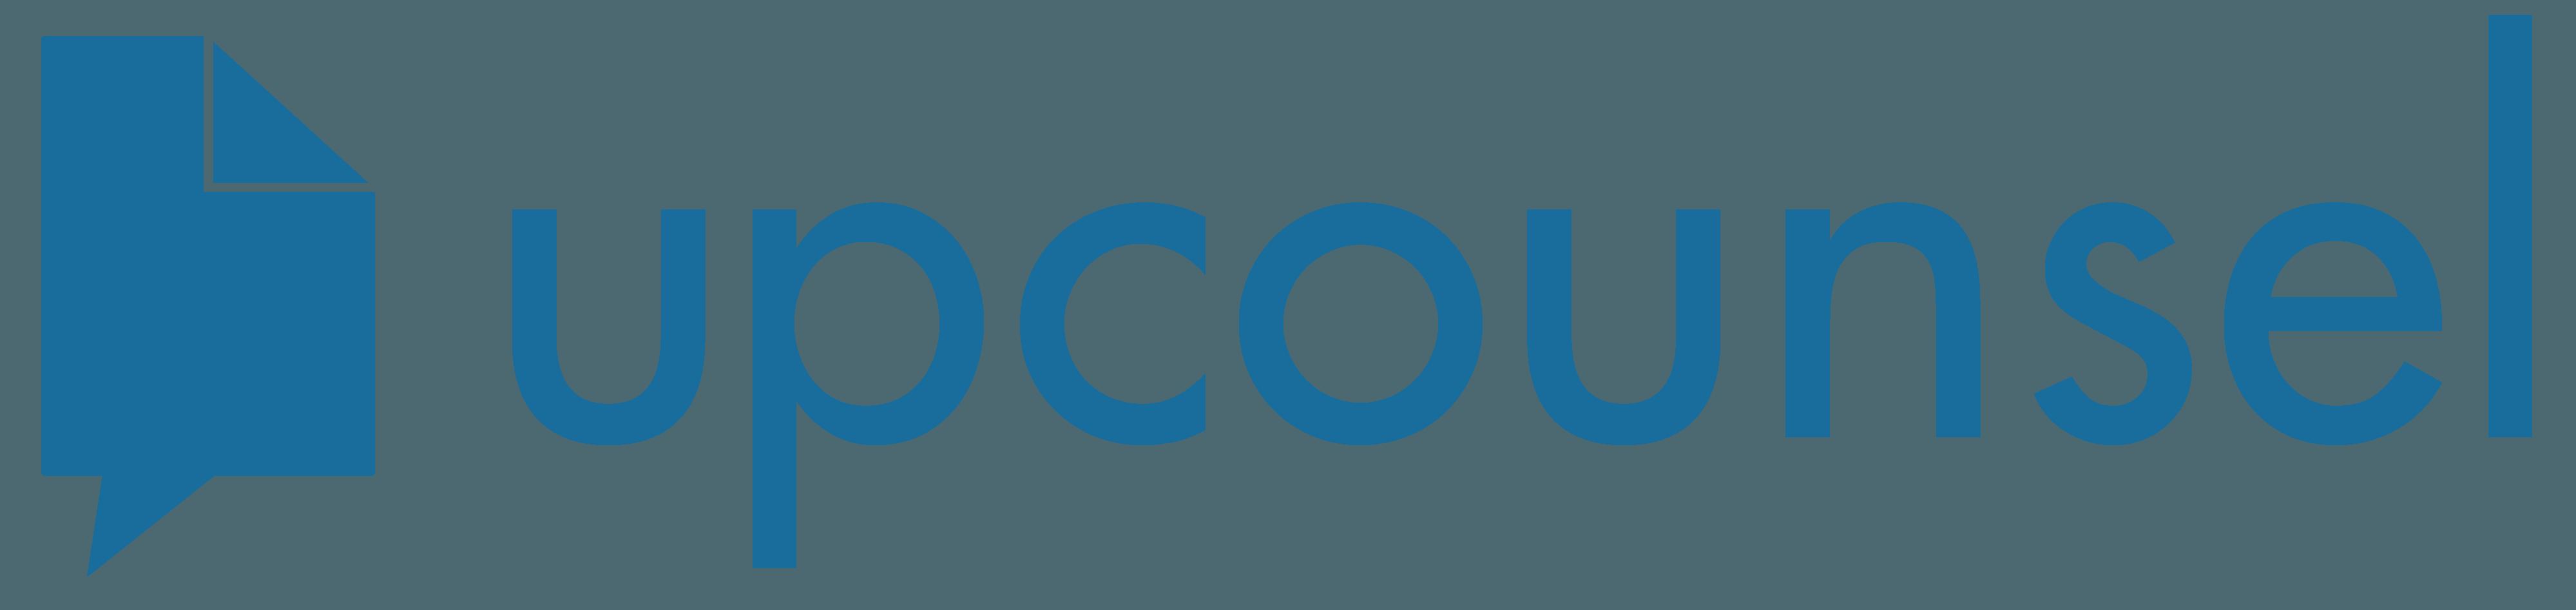 Upcounsel-blue-logo-large